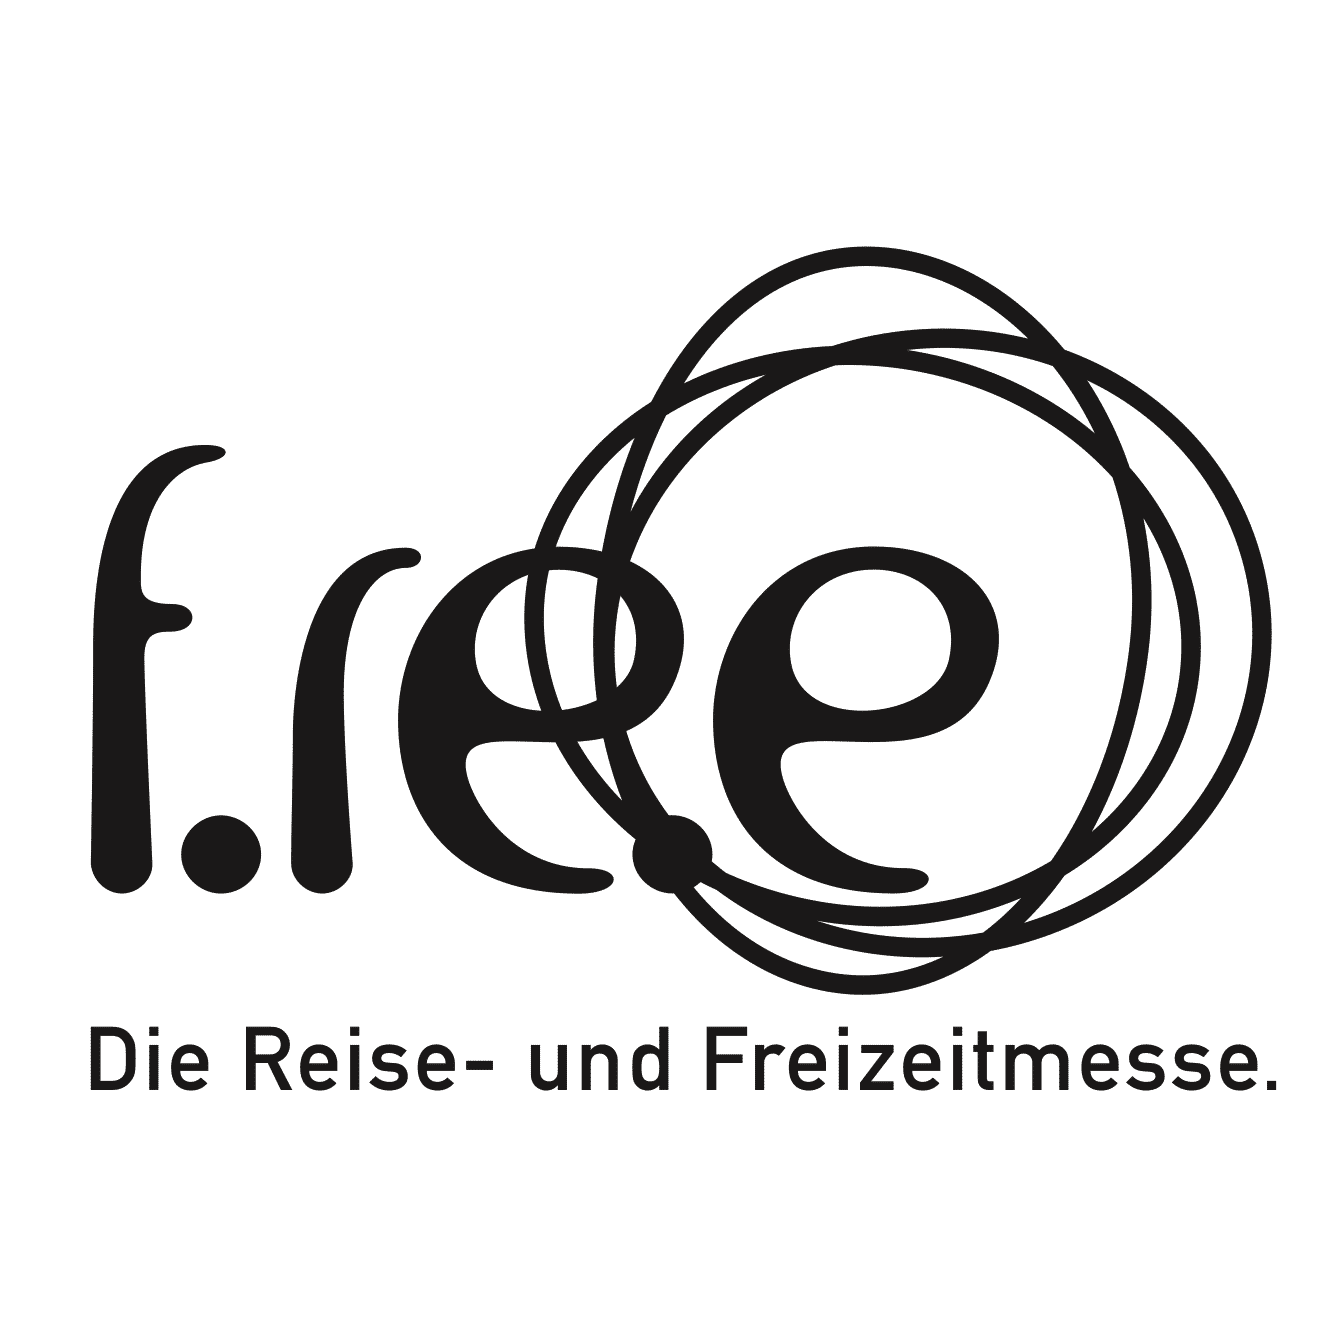 Free 2019 Logo